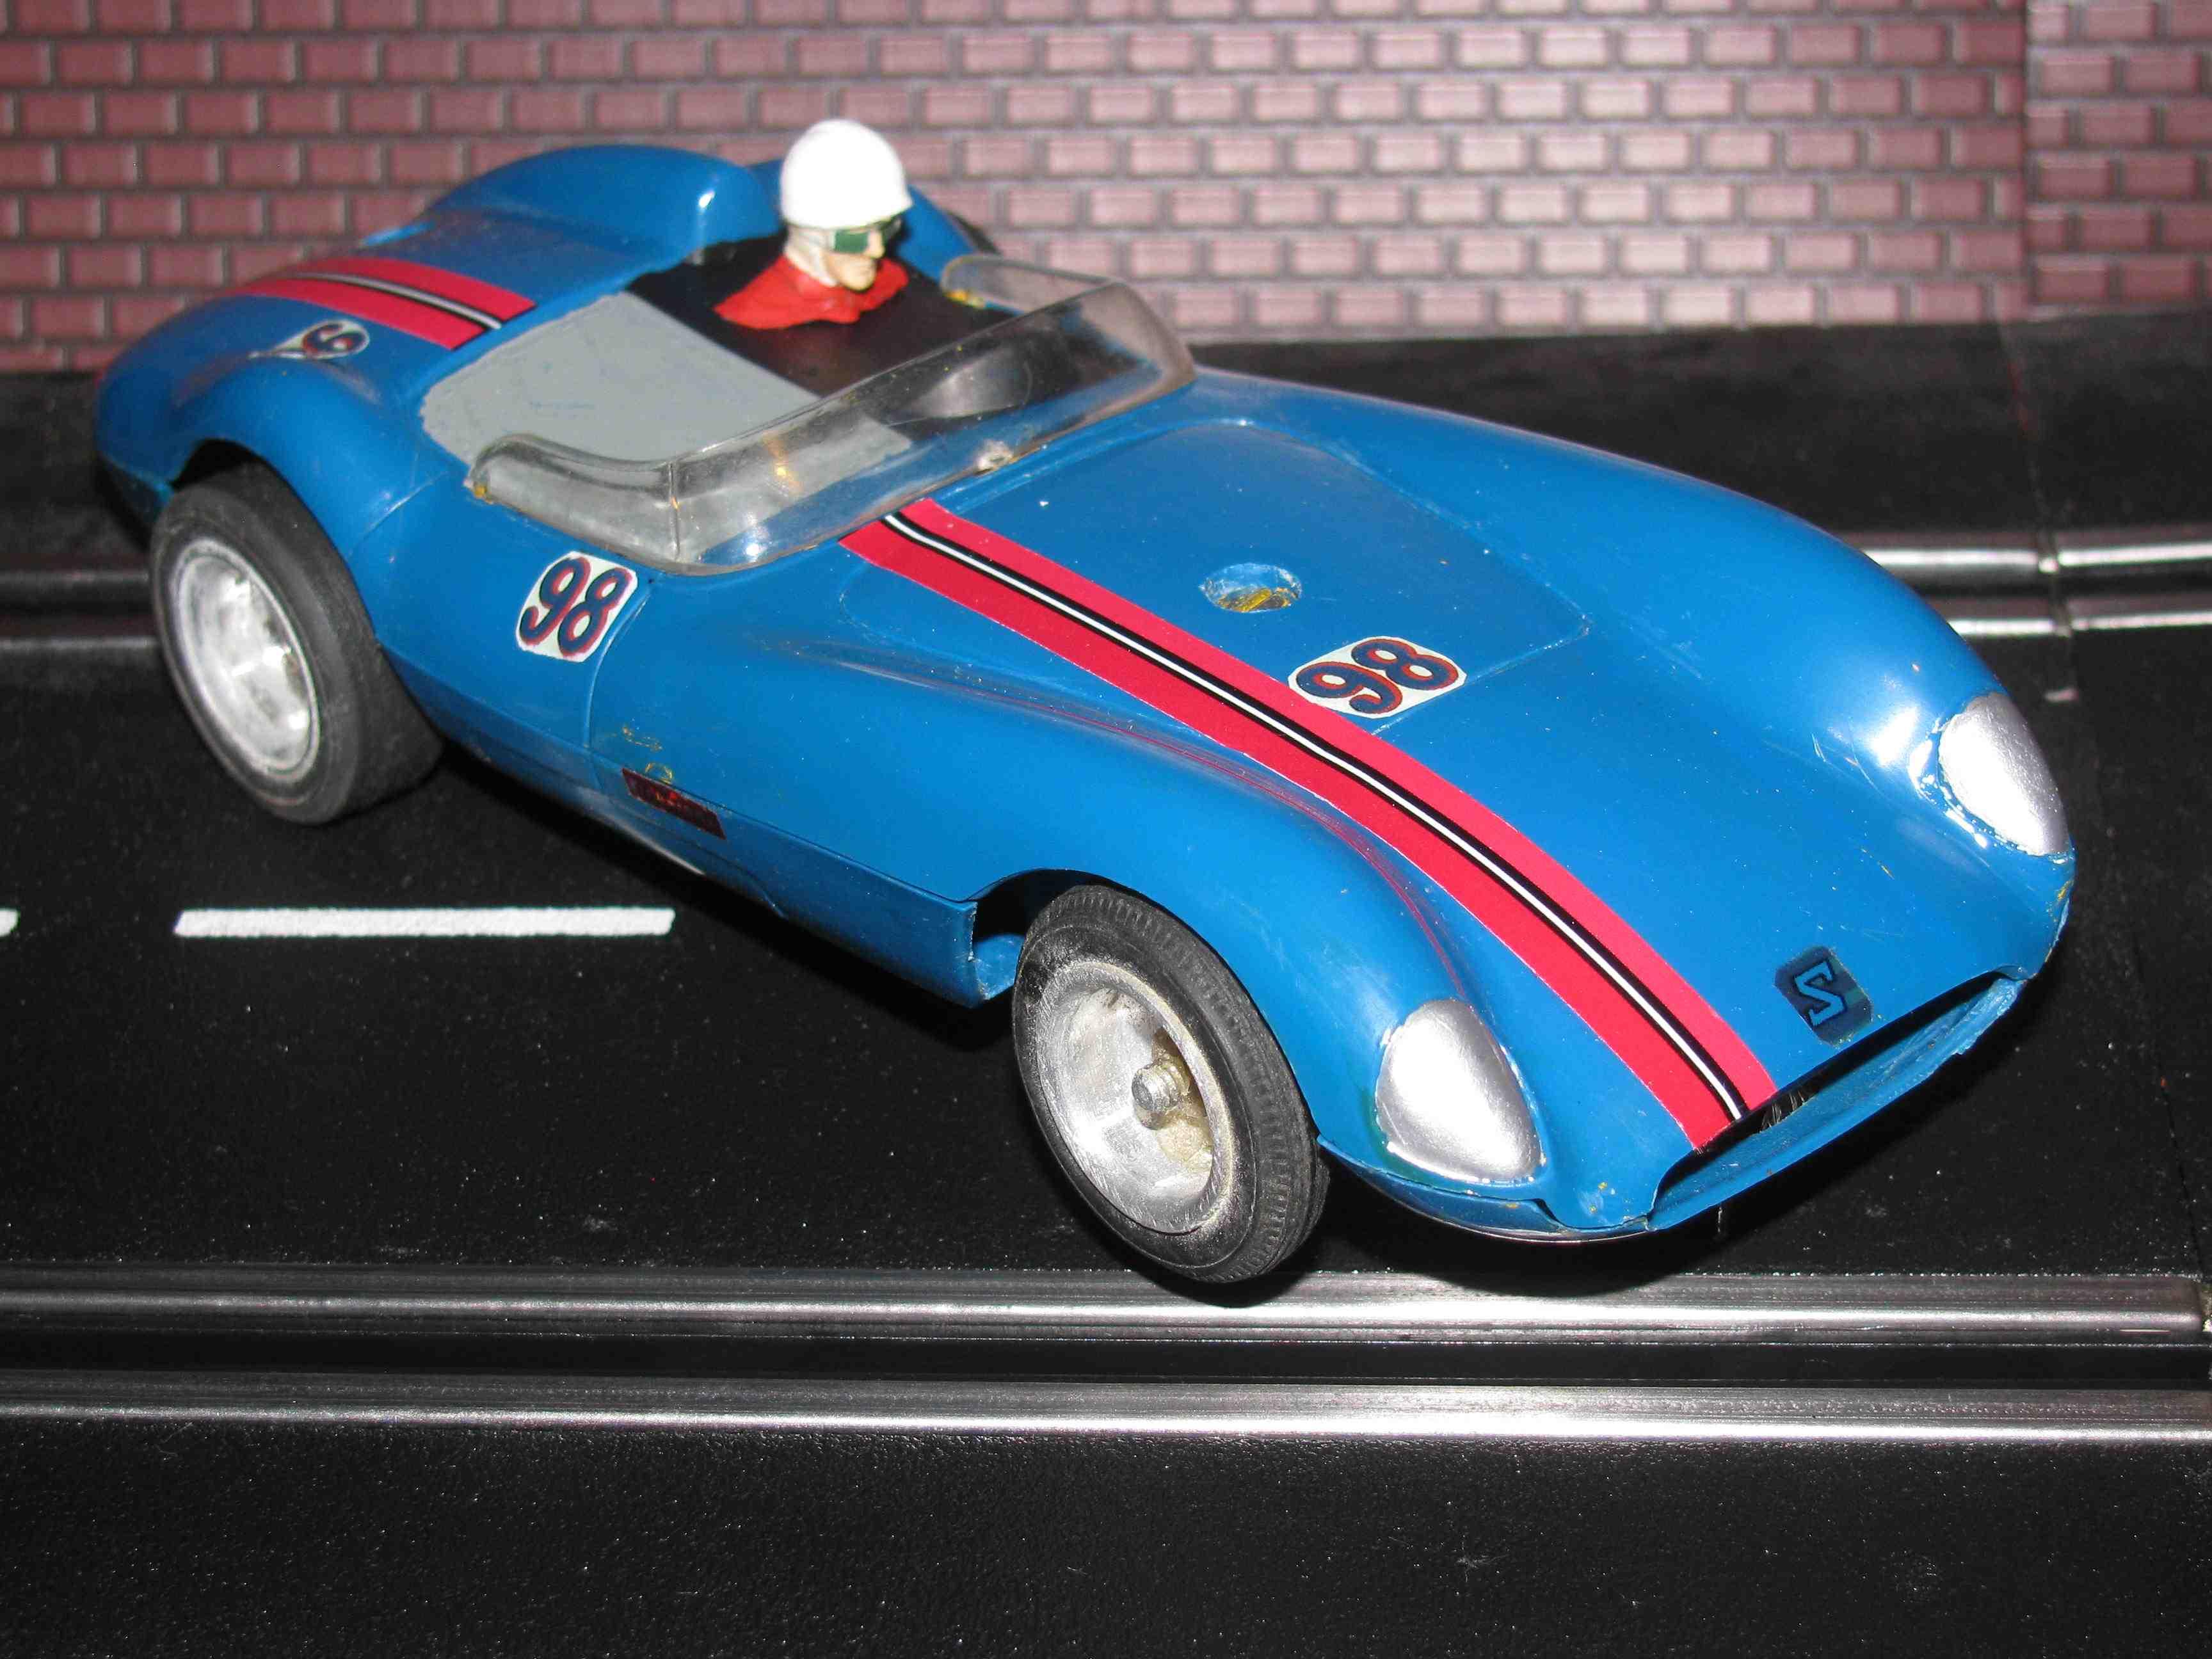 Vintage Blue Scarab Racer Slot Car 1/32 Scale